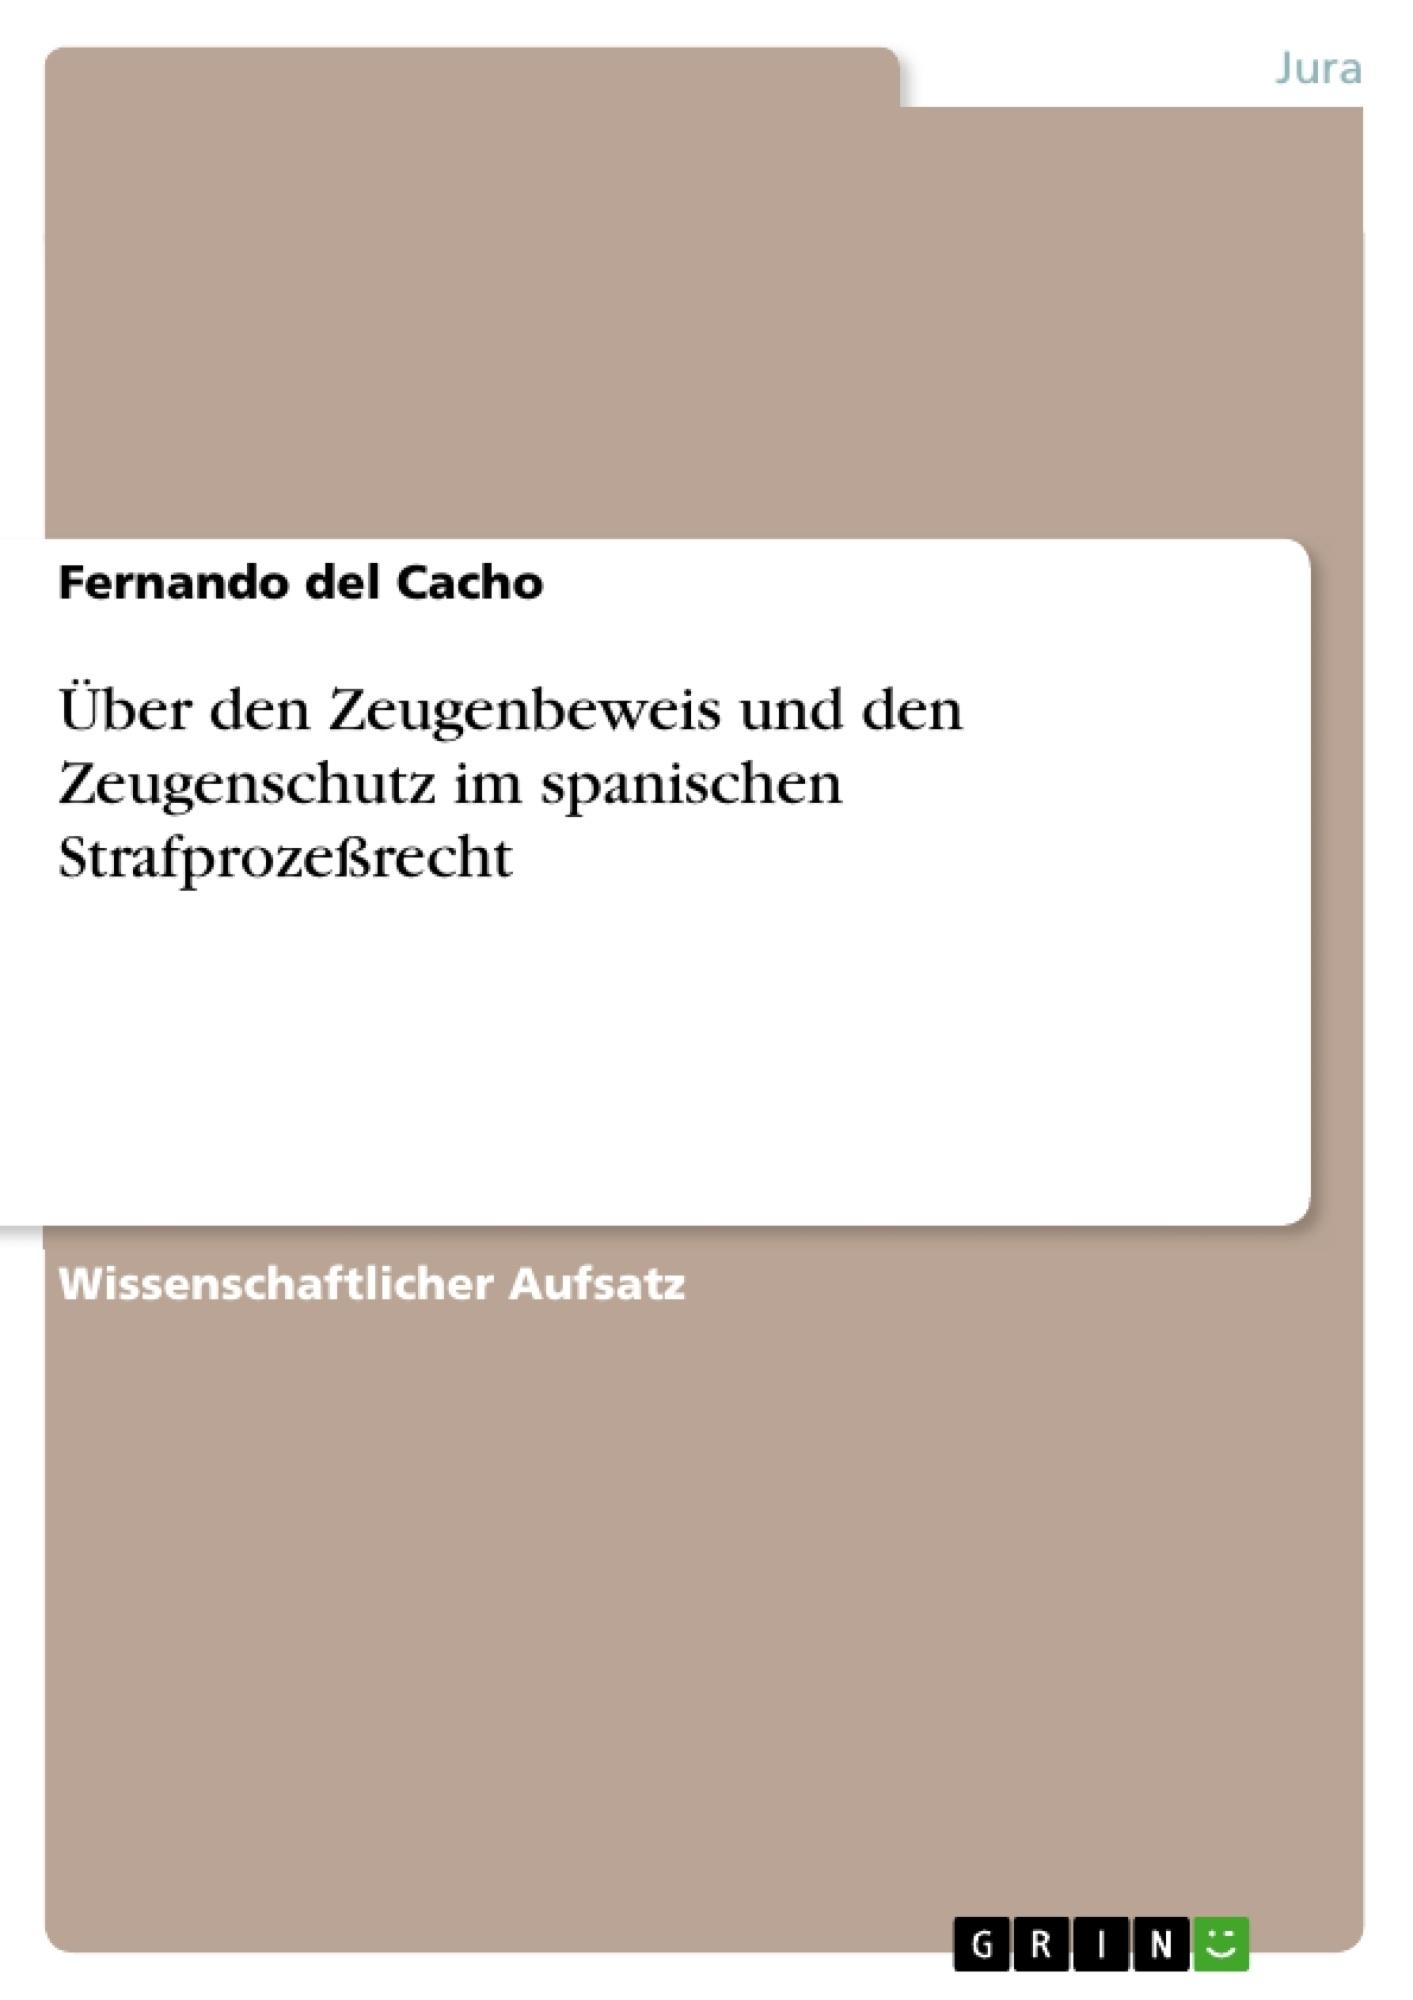 Titel: Über den Zeugenbeweis und den Zeugenschutz im spanischen Strafprozeßrecht